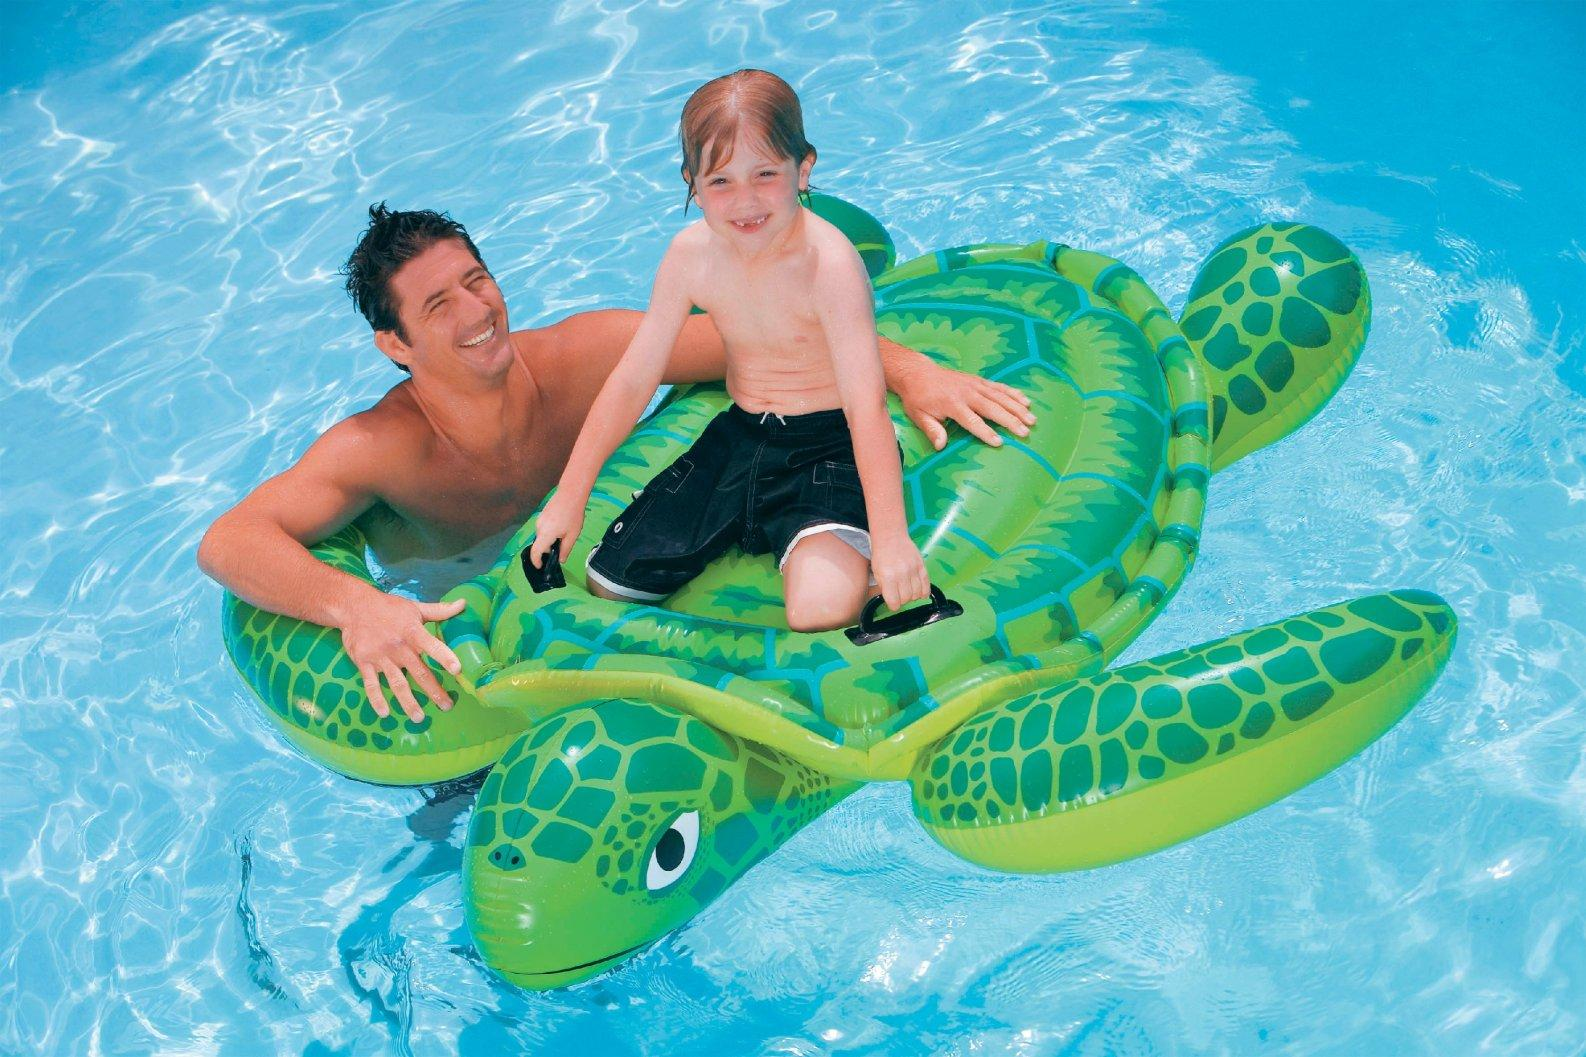 Flotteur pour piscine - Achat / Vente jeux et jouets pas chers